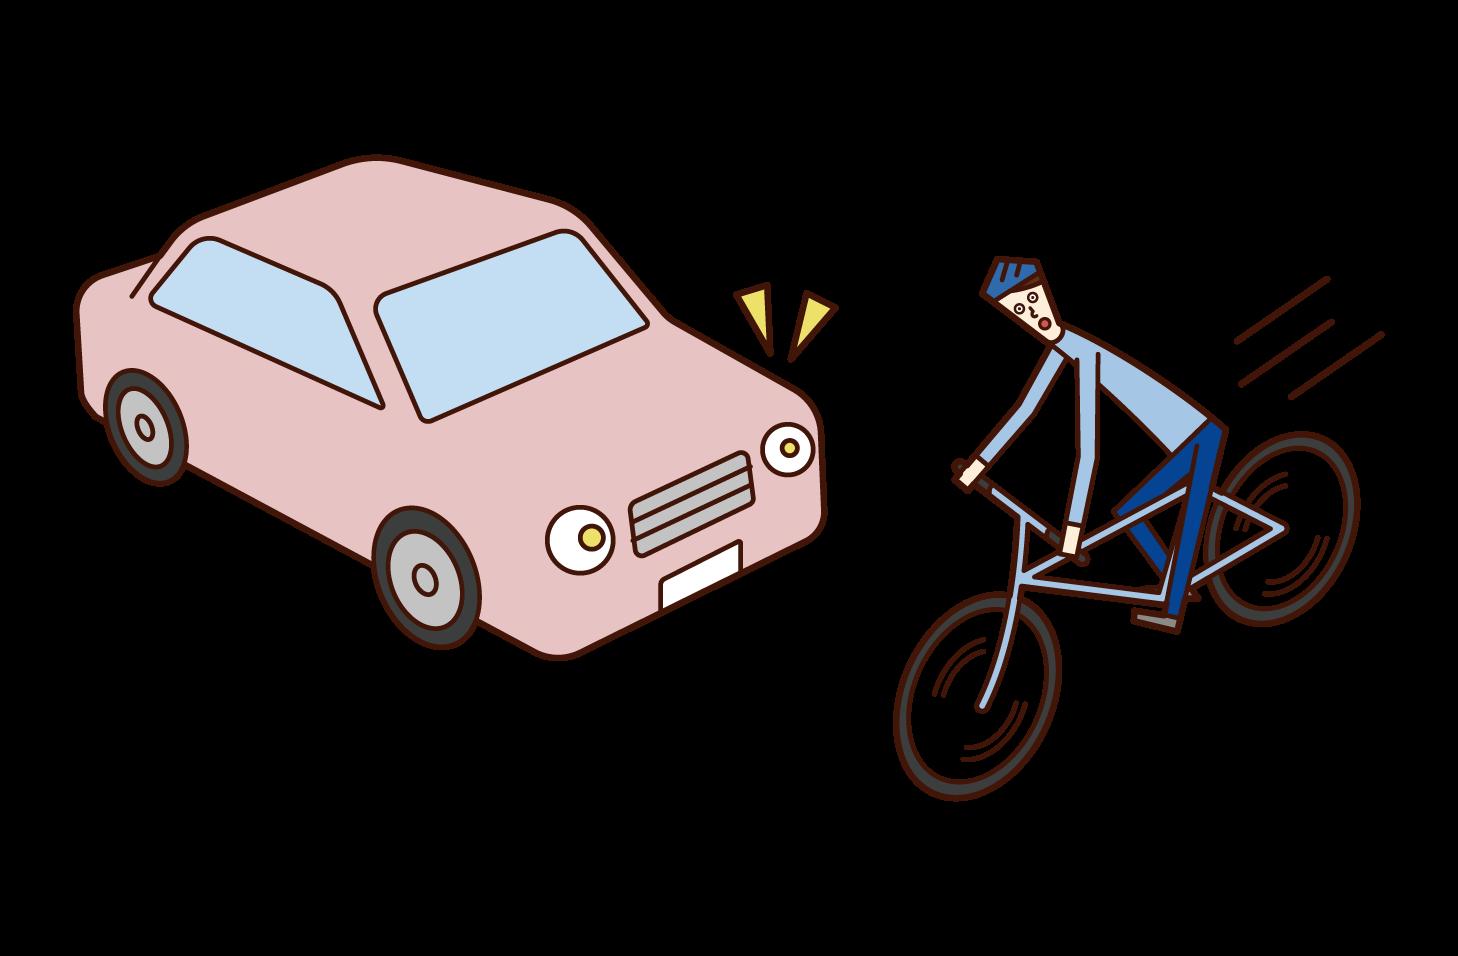 道路に飛び出す自転車(男性)のイラスト